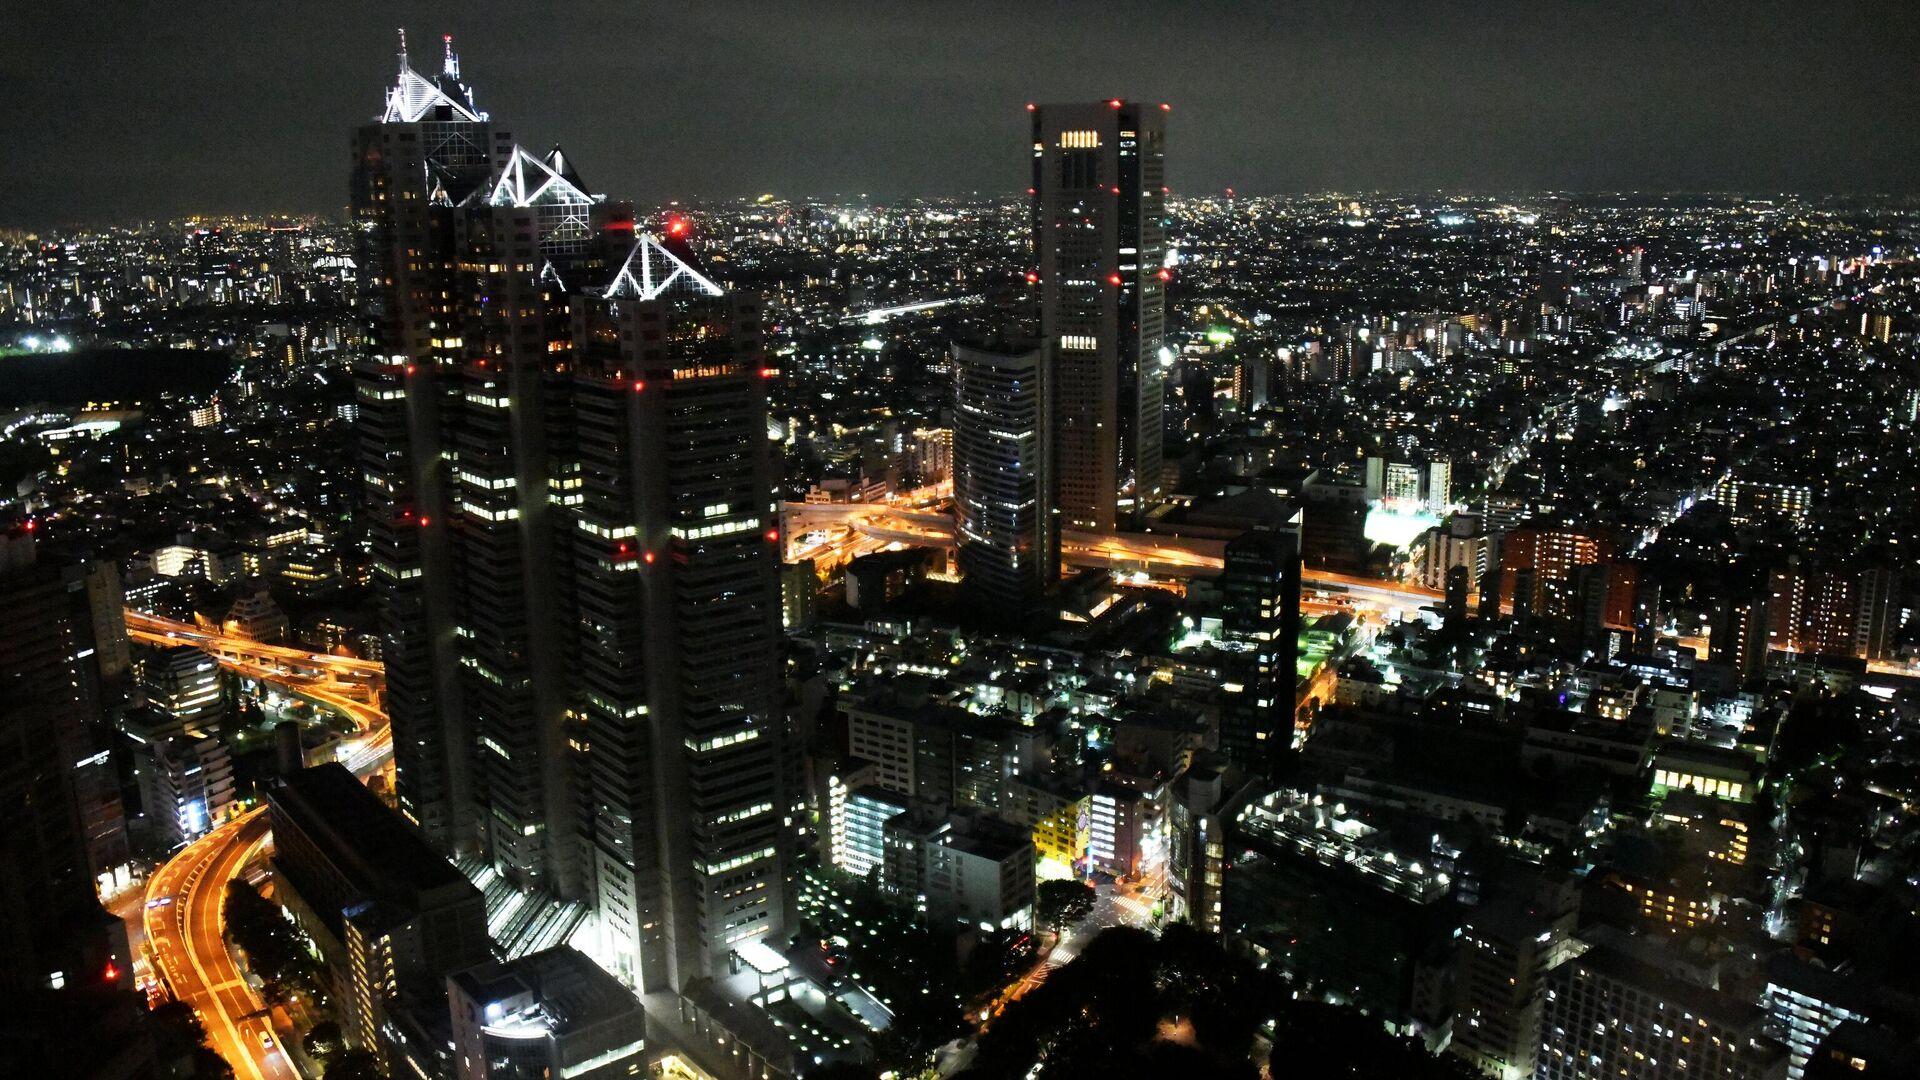 Вид на ночной Токио со смотровой площадки Токийского муниципалитета - РИА Новости, 1920, 28.07.2021